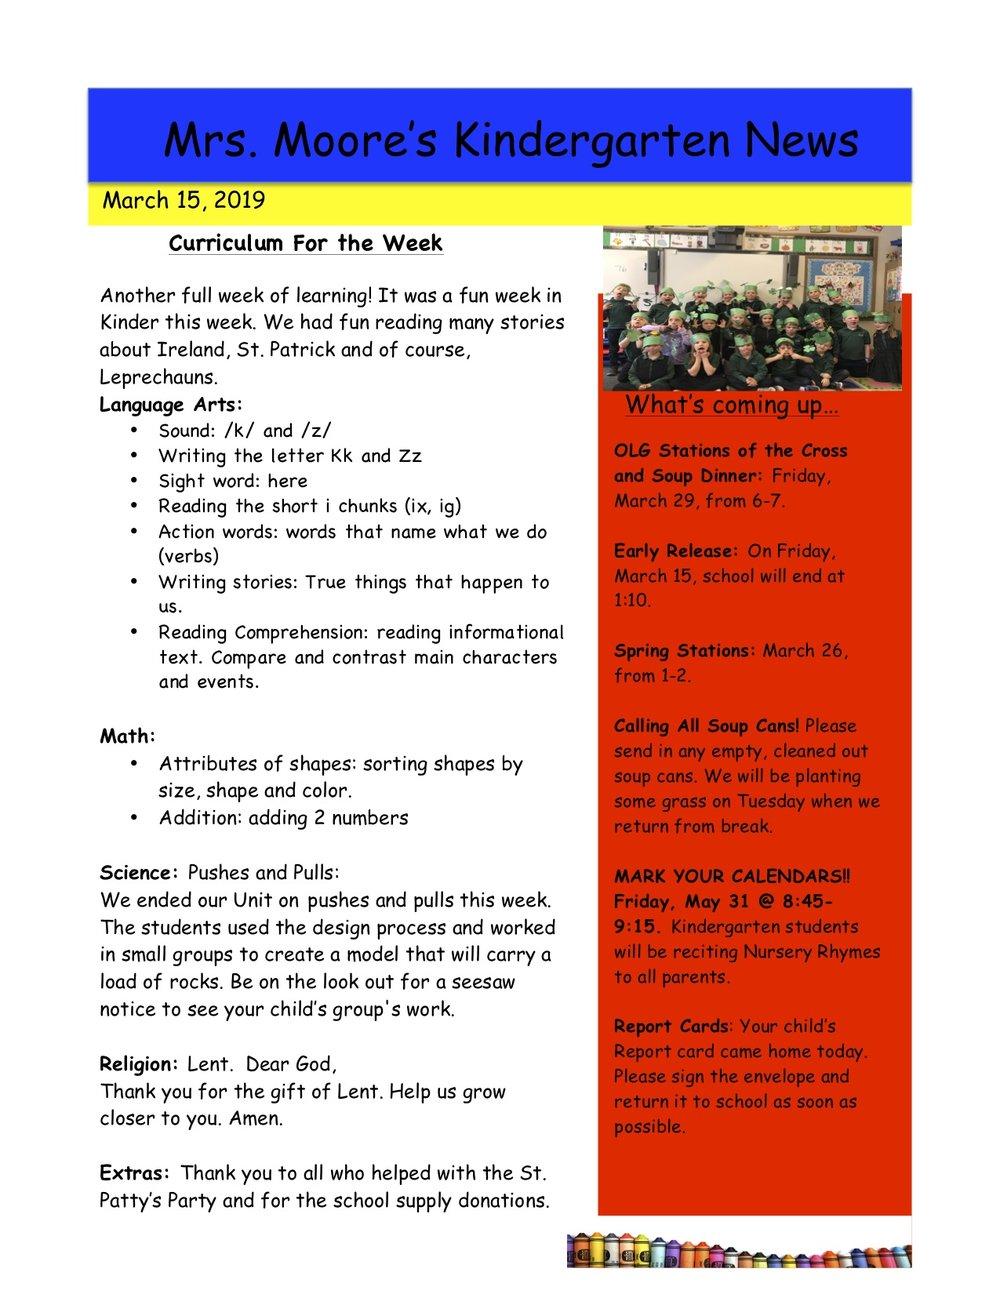 MooreNewsletter Week 3-15-19.jpg